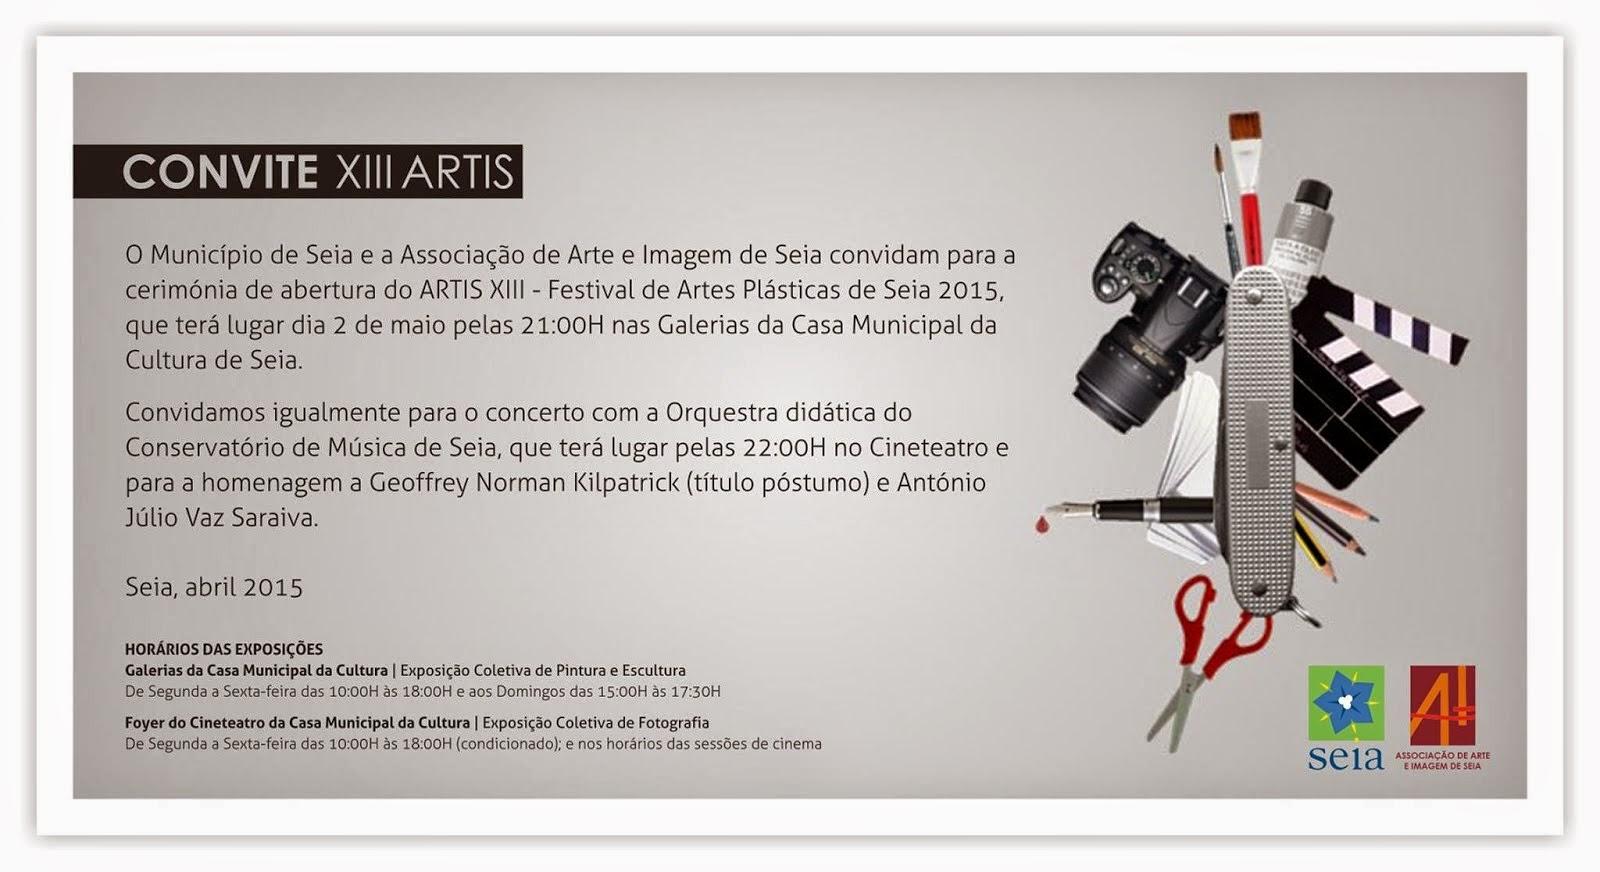 XIII, do Artis - Festival de Artes Plásticas de Seia, na Casa Cultura de Seia